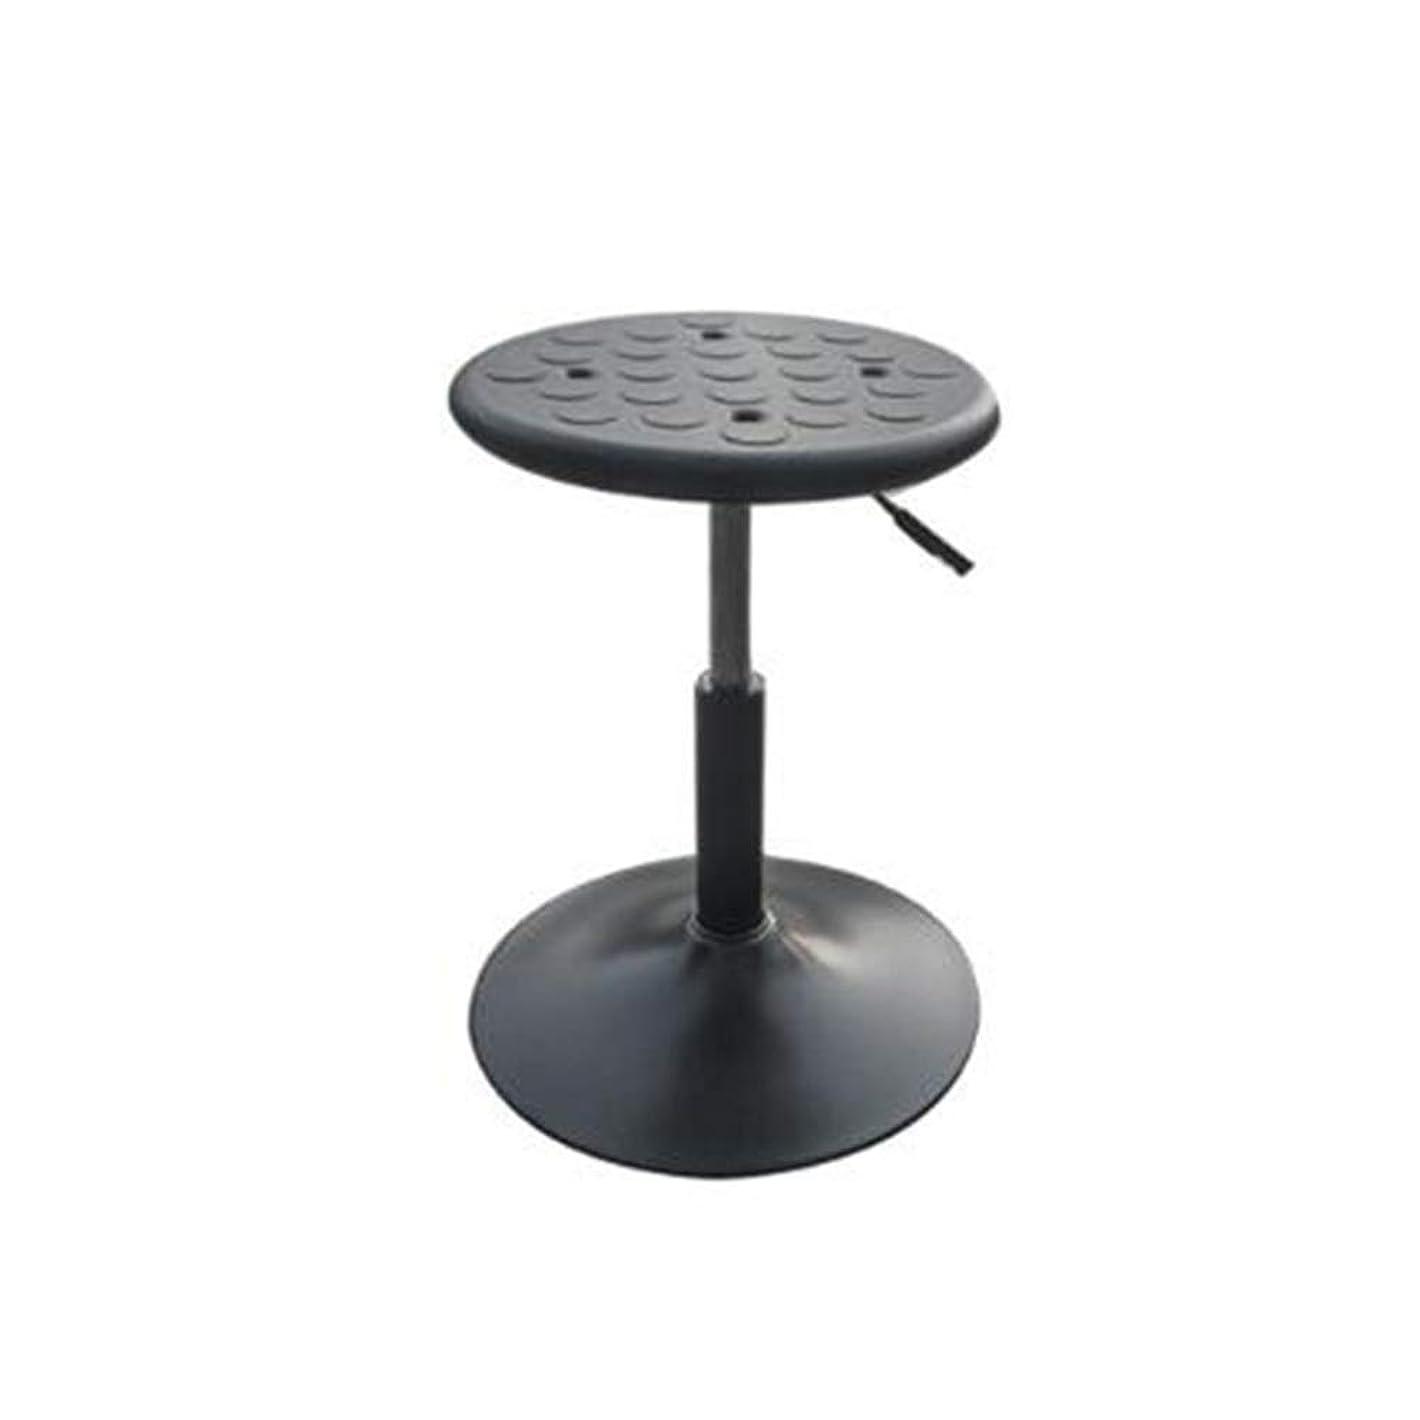 和解するの慈悲で同意するFEIFEI 家およびオフィスのための回転スツールの椅子のオフィスの高さの調節可能な円形のスツール - 33×33×40-50cm